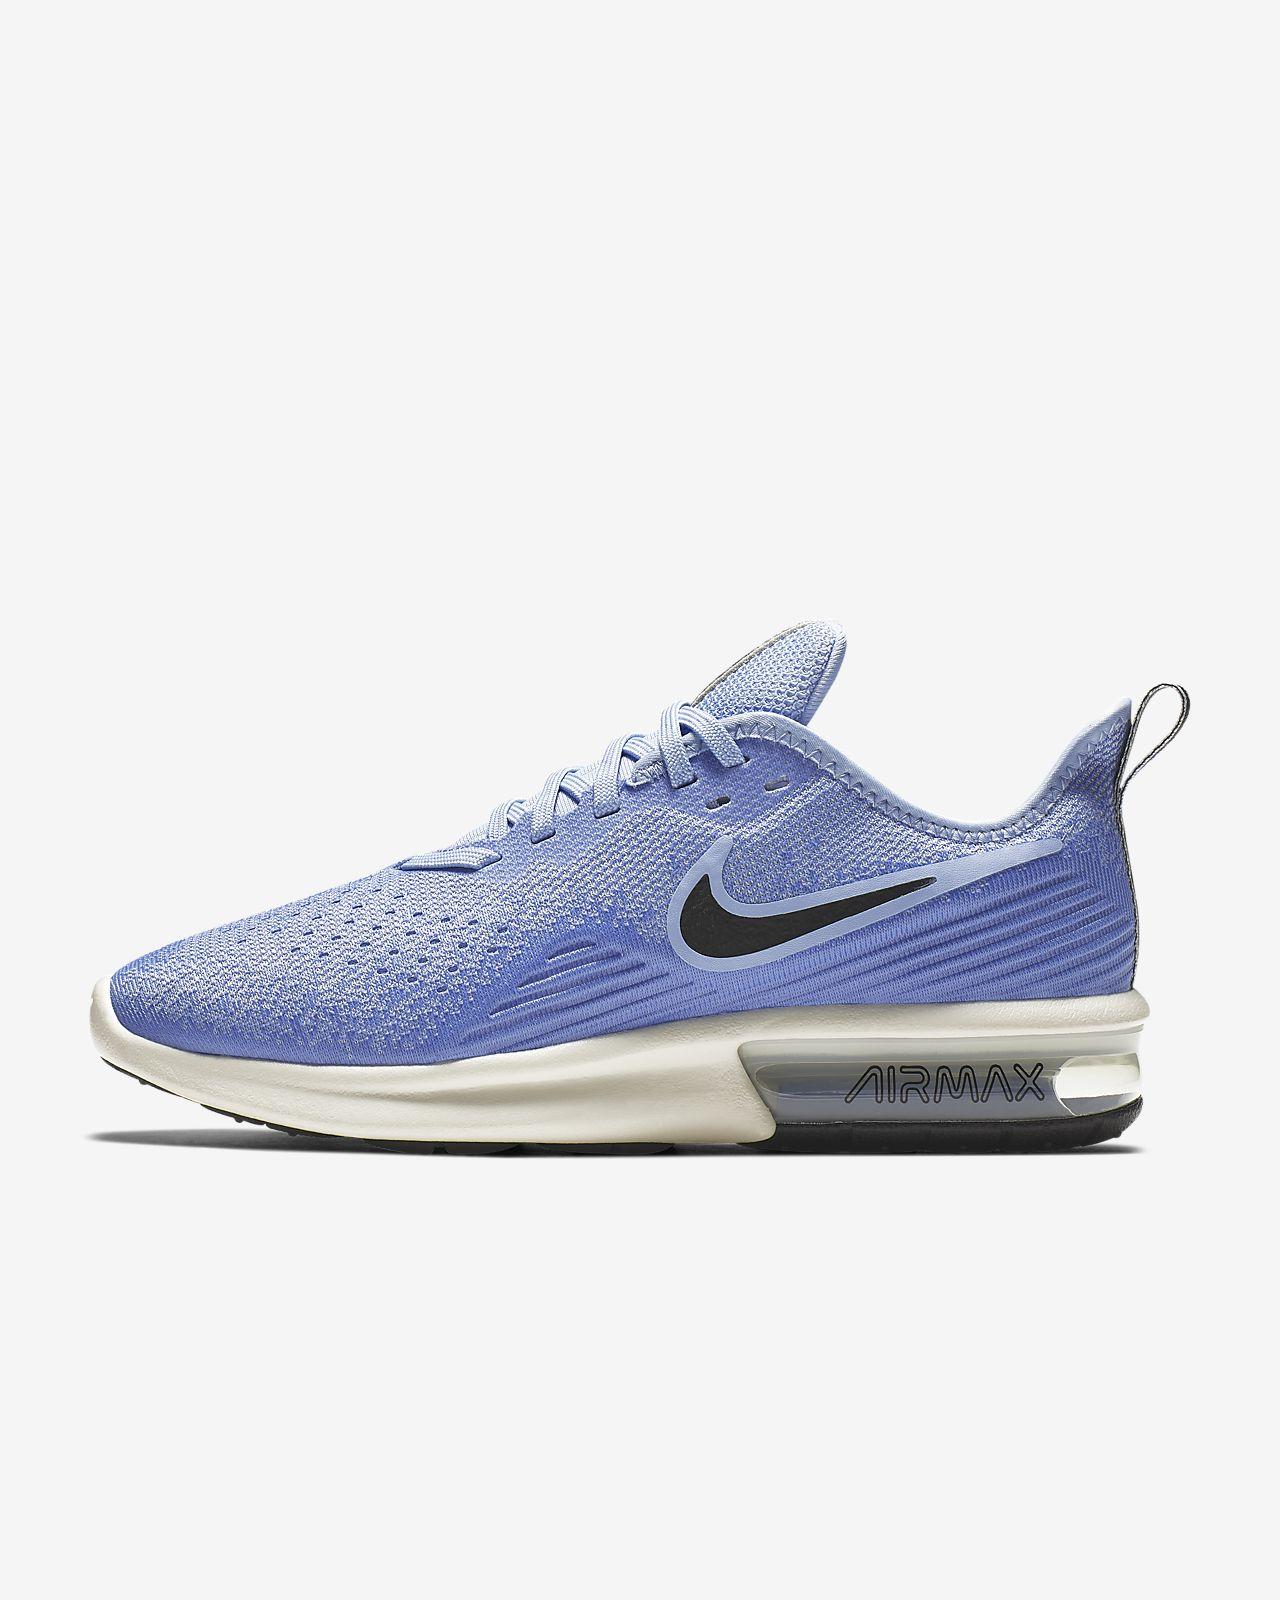 รองเท้าผู้หญิง Nike Air Max Sequent 4